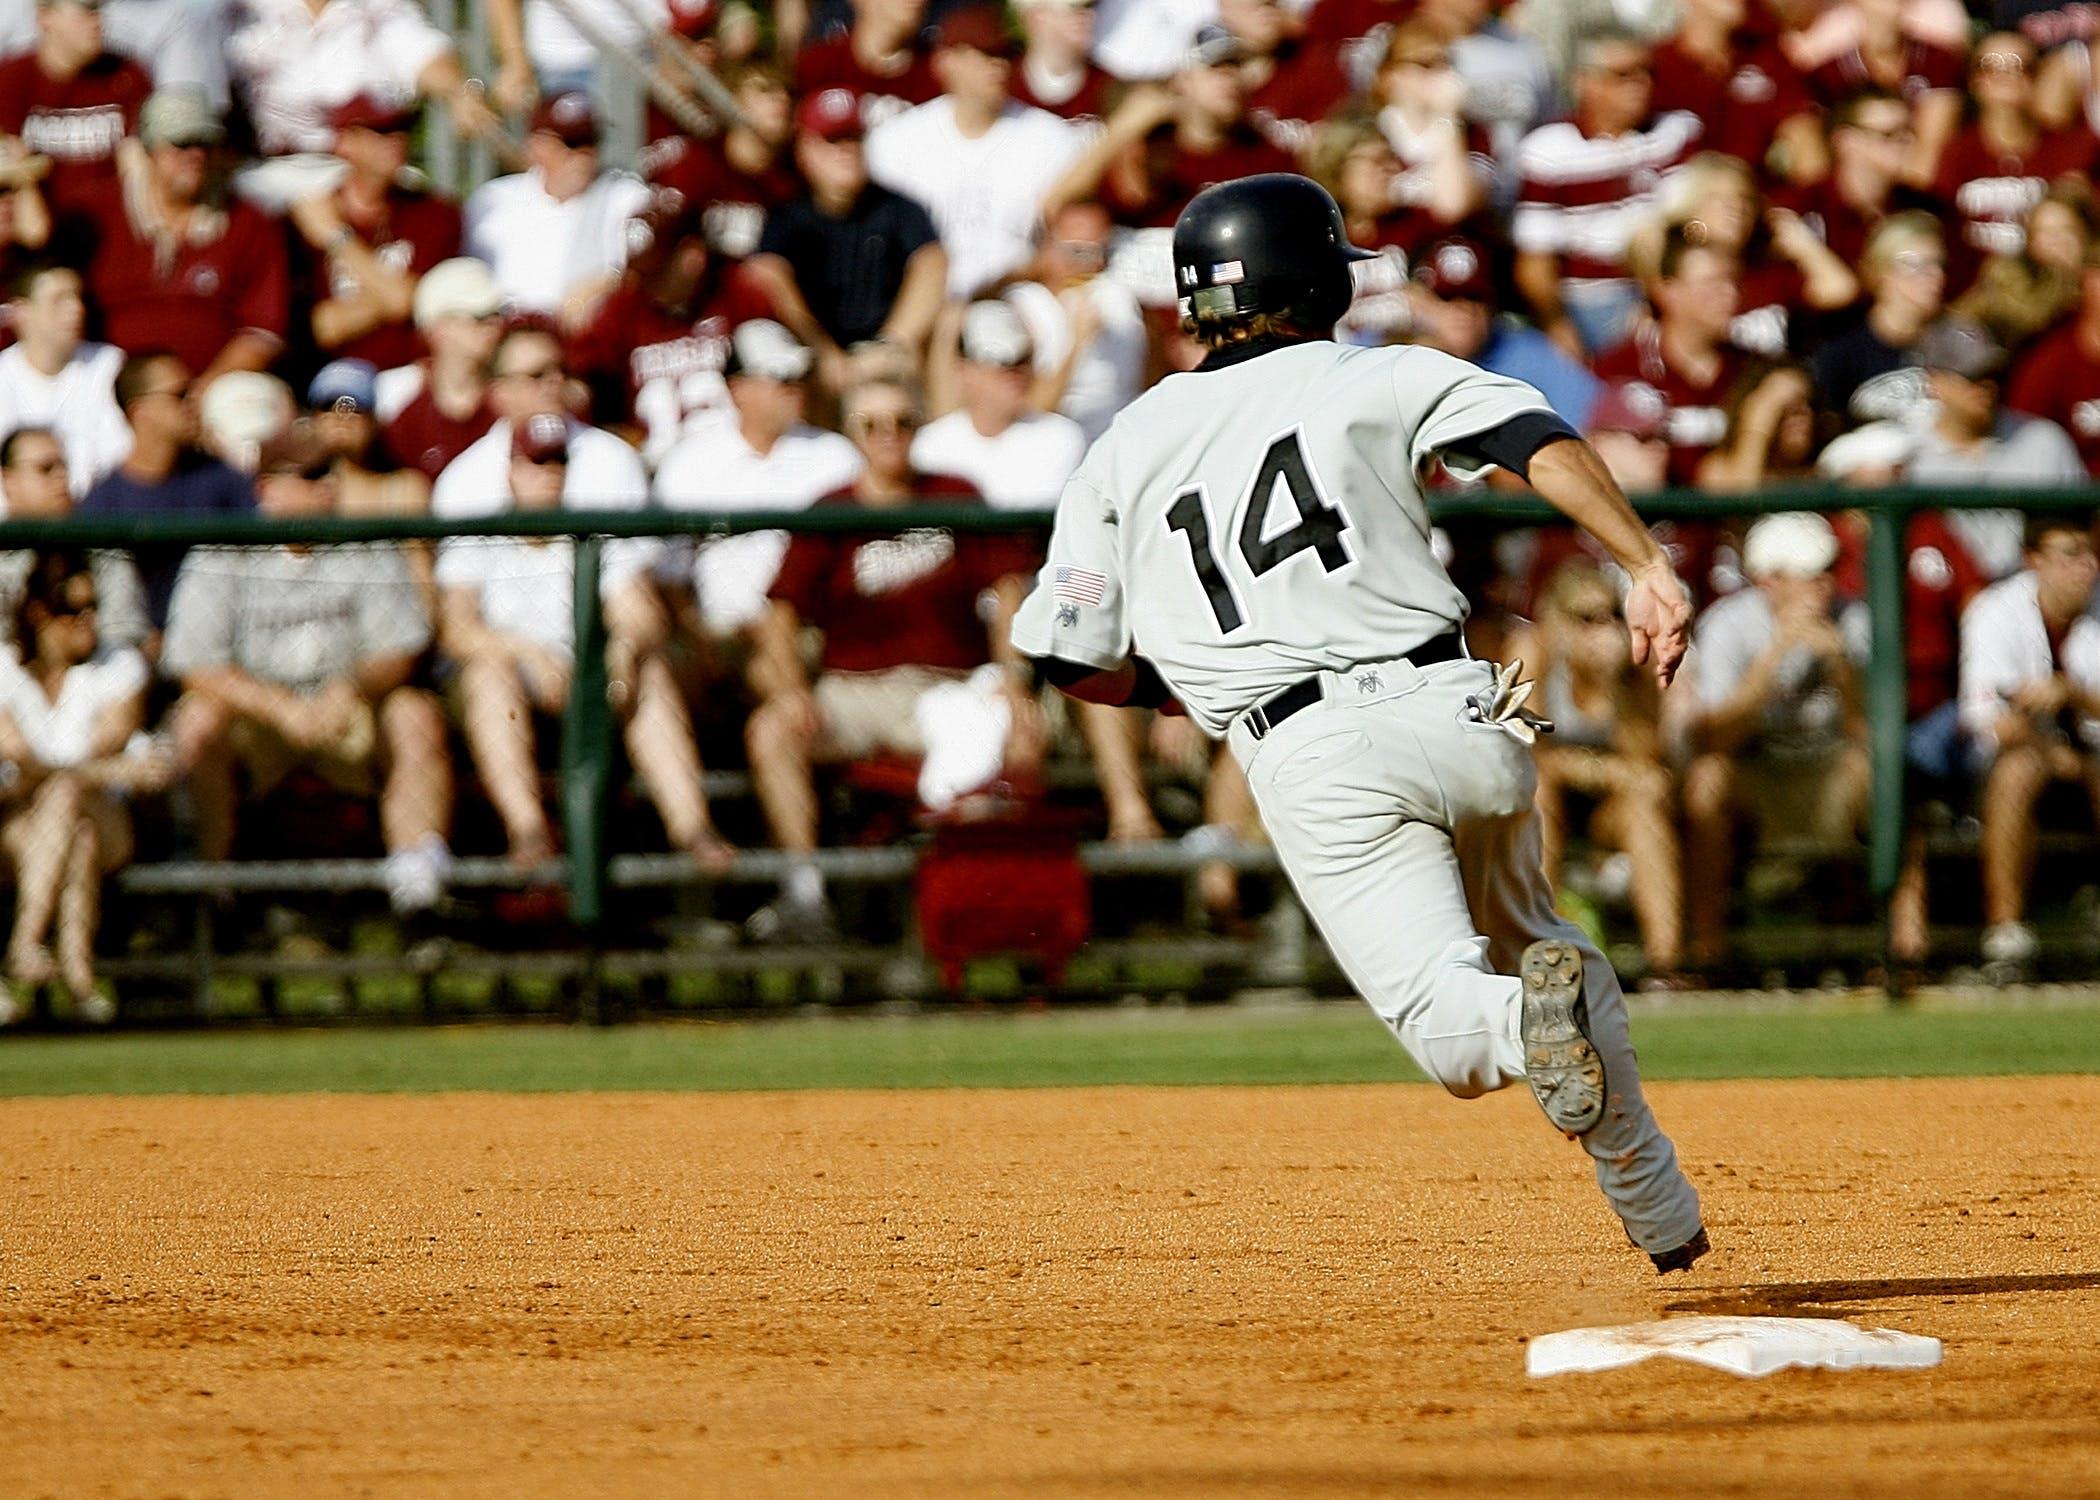 Kostenloses Stock Foto zu aktiv, athlet, baseball, feld